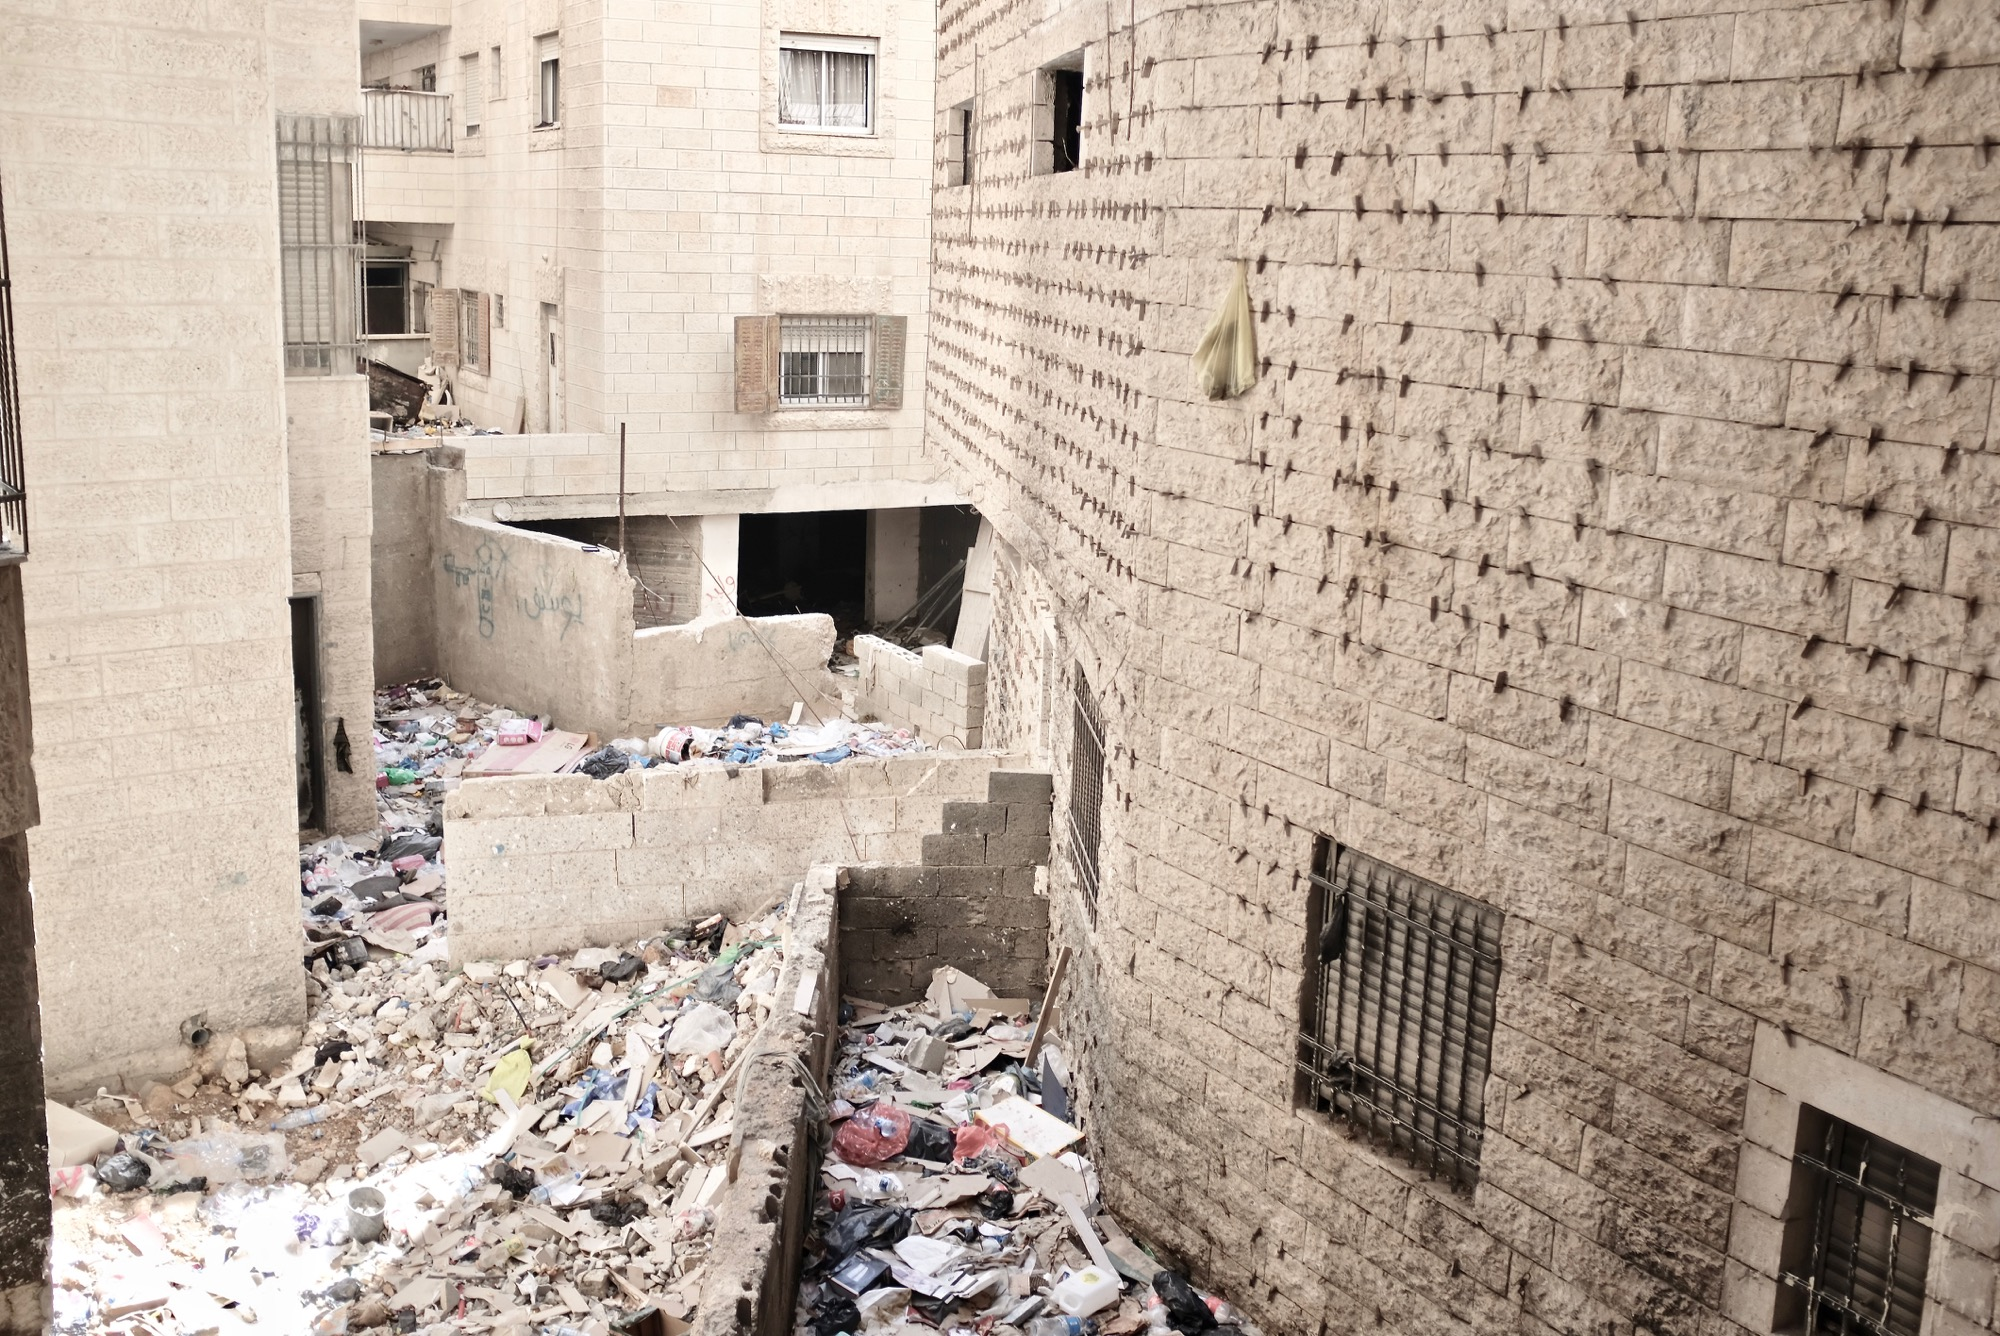 Kafr Aqab -Rubbish between buildings.jpg